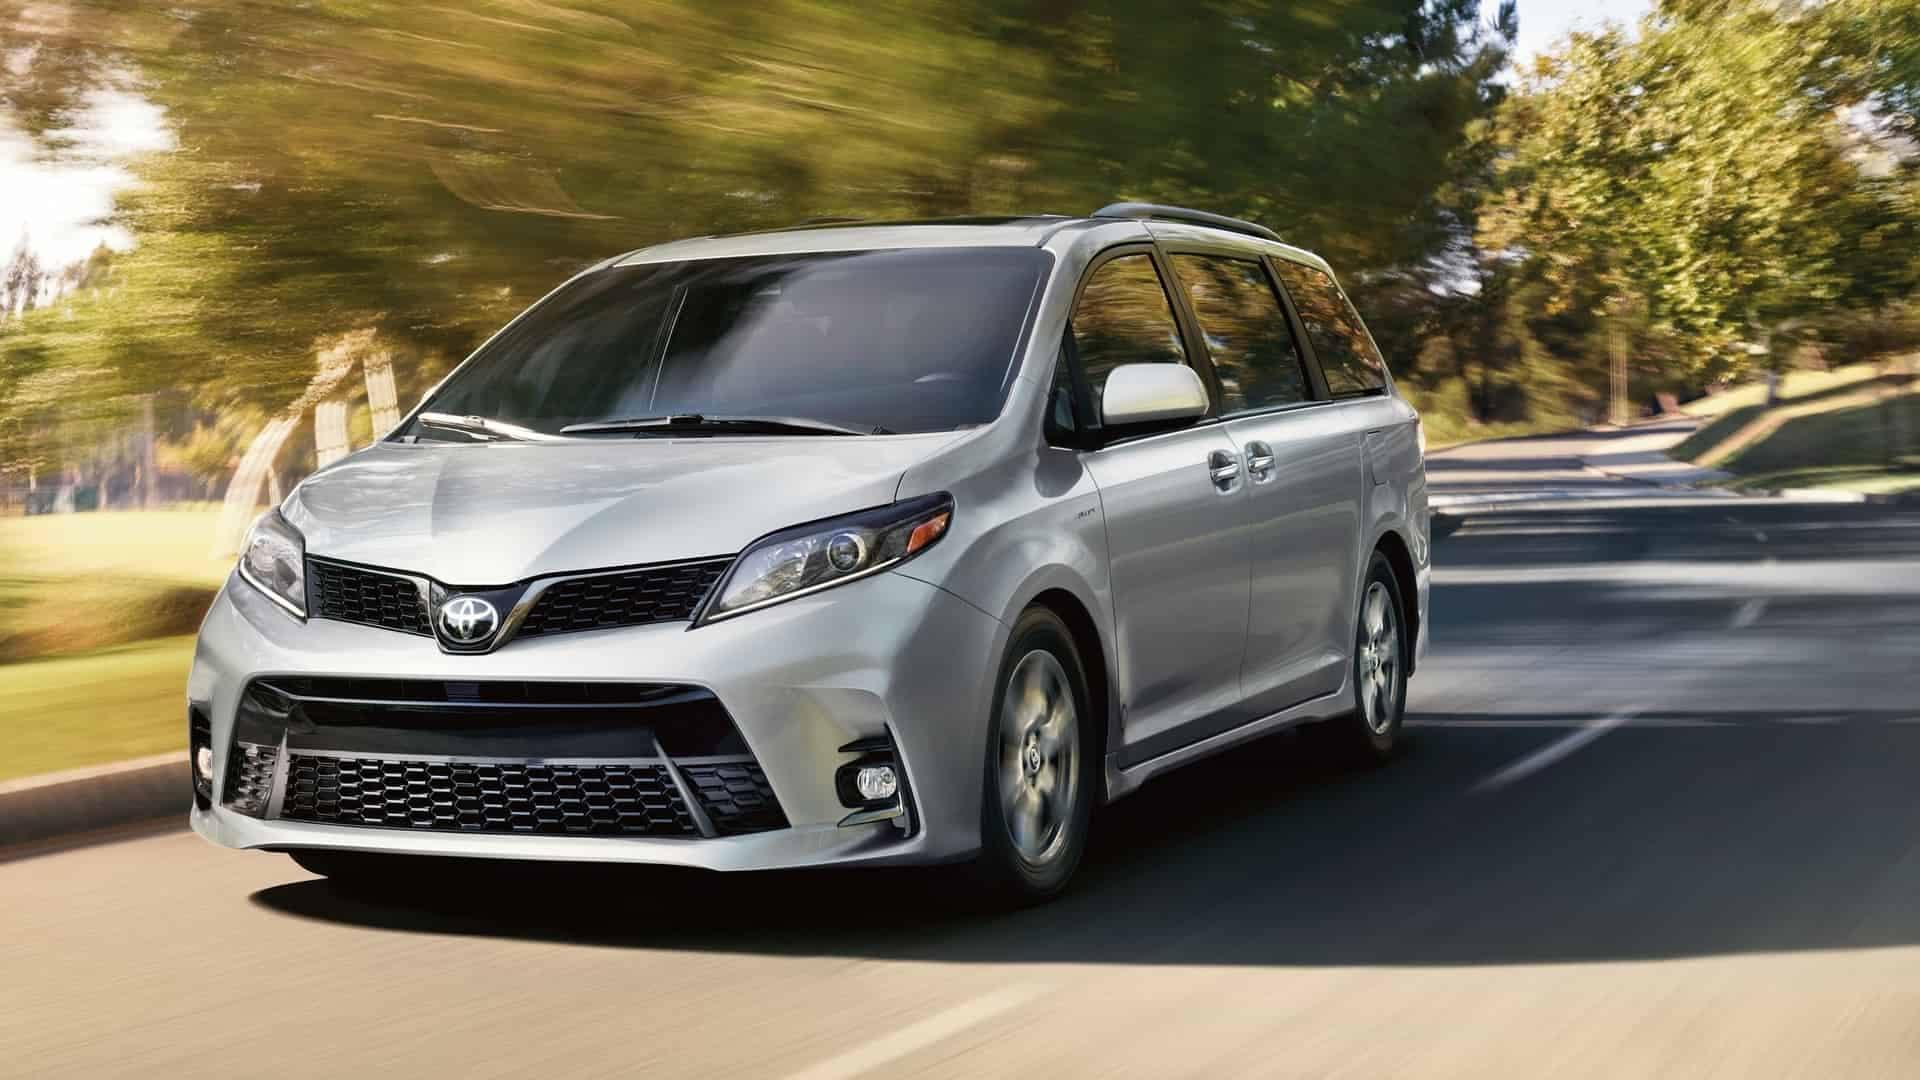 Buy a Minivan Online 2020 Toyota Sienna Near Bossier City LA